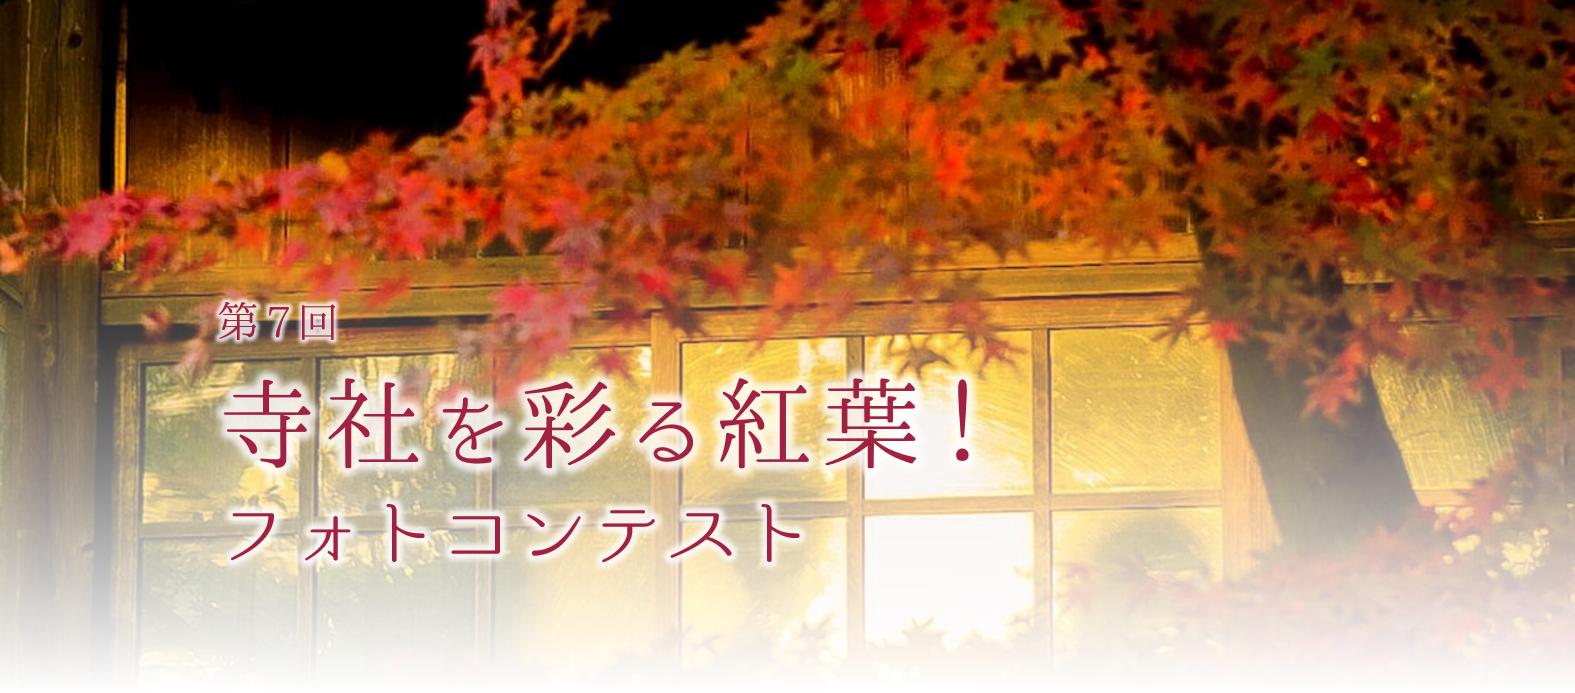 「第7回 寺社を彩る紅葉!フォトコンテスト」開催のお知らせ